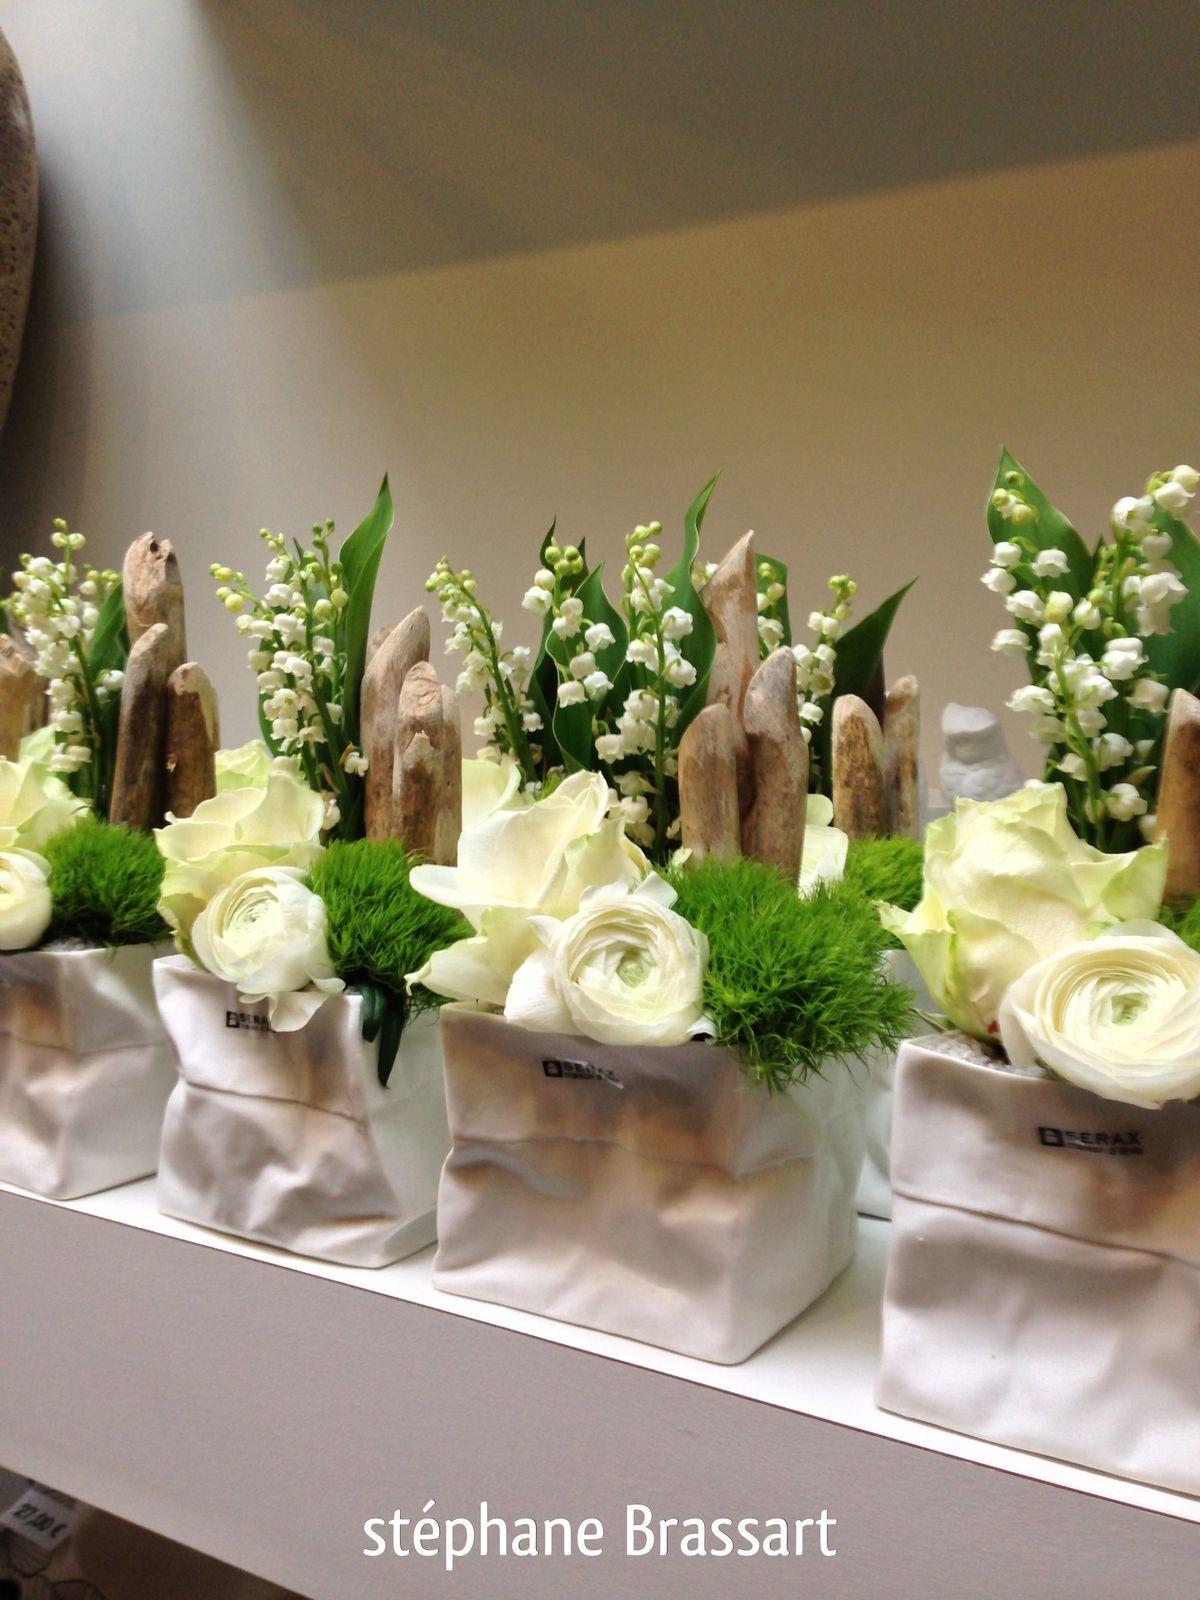 Pin von fedra pipi auf Diakosmisi  Blumenarrangements Blumengestecke und Tischdeko blumen